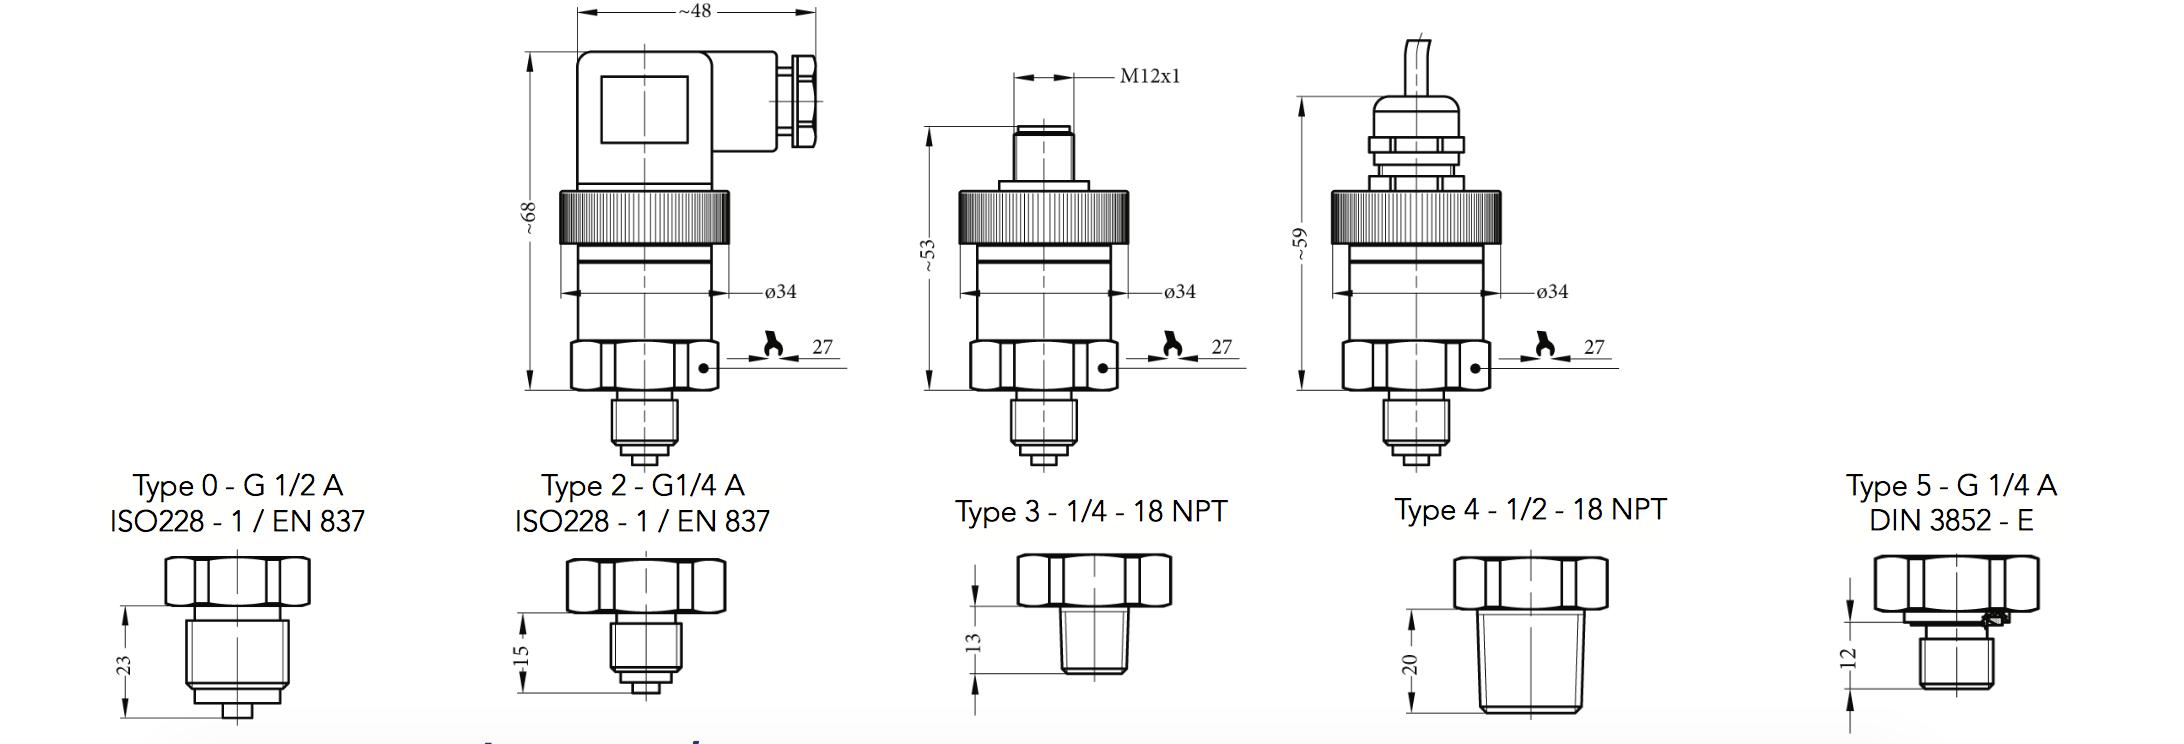 Các thông số kết nối cảm biến áp suất SR2